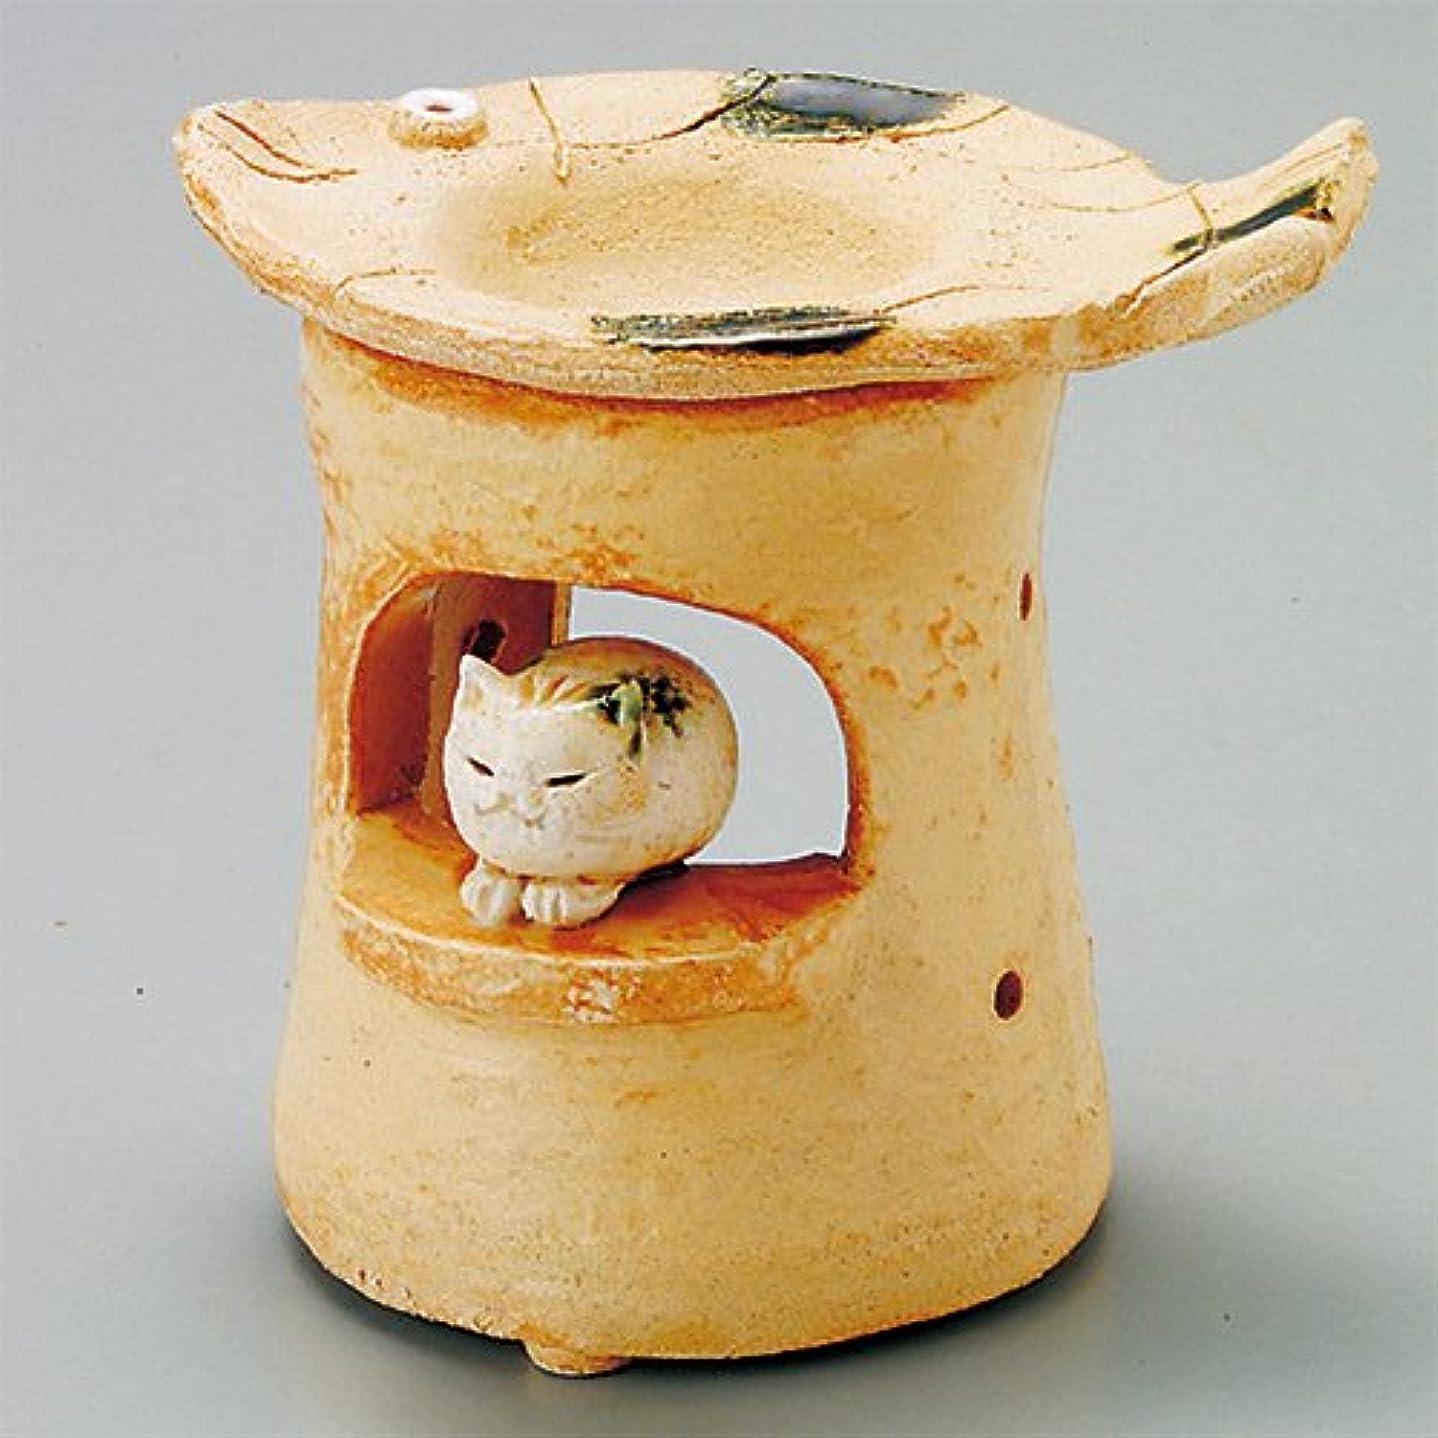 パテ咽頭アピール島ねこ 島ねこ 茶香炉 [12x8.5xH11.5cm] HANDMADE プレゼント ギフト 和食器 かわいい インテリア